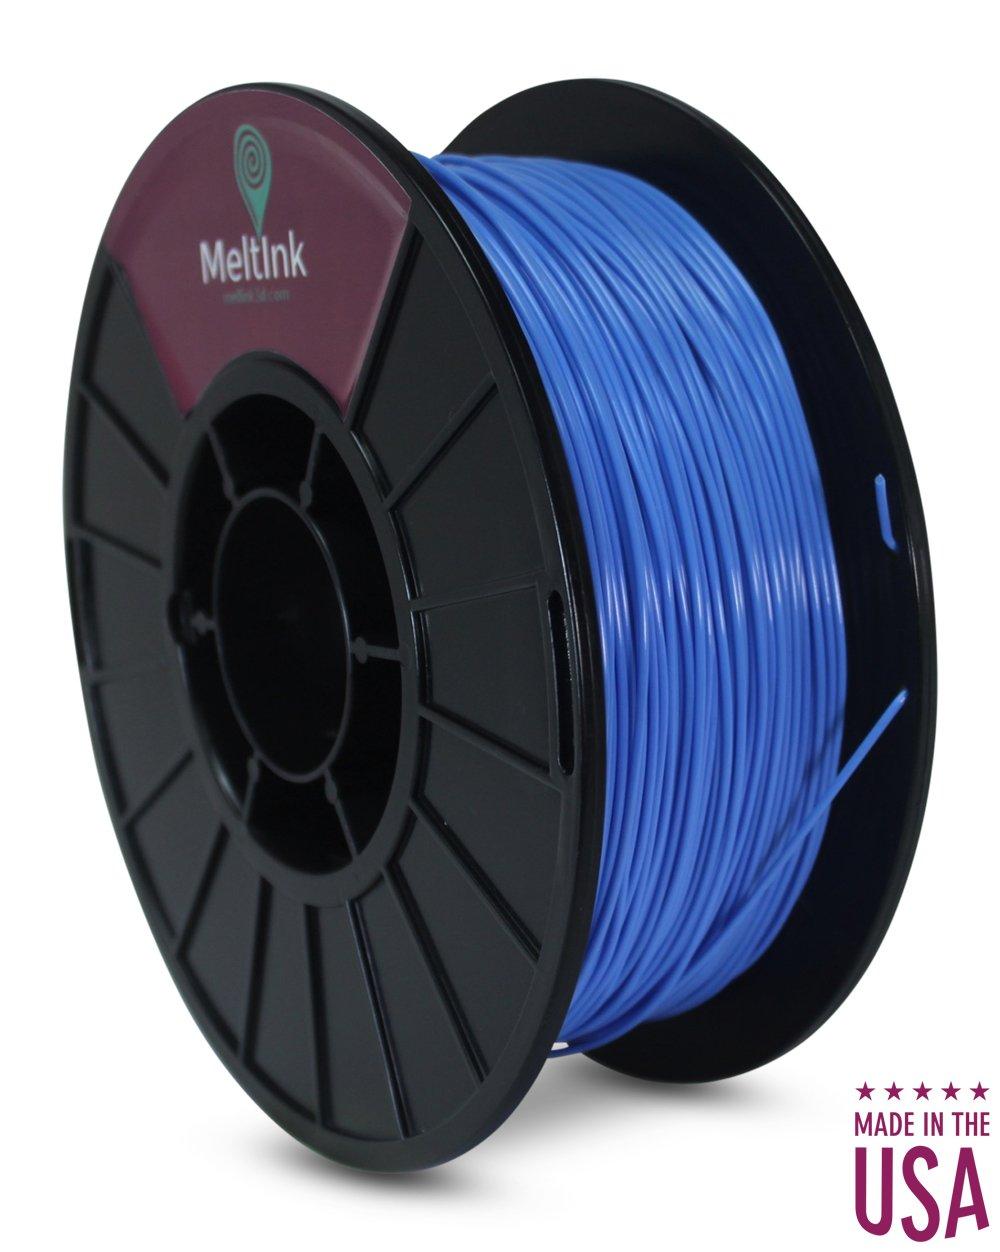 Filamento-de-impresion-3d-color-sky-blue-pla-2-85-825g